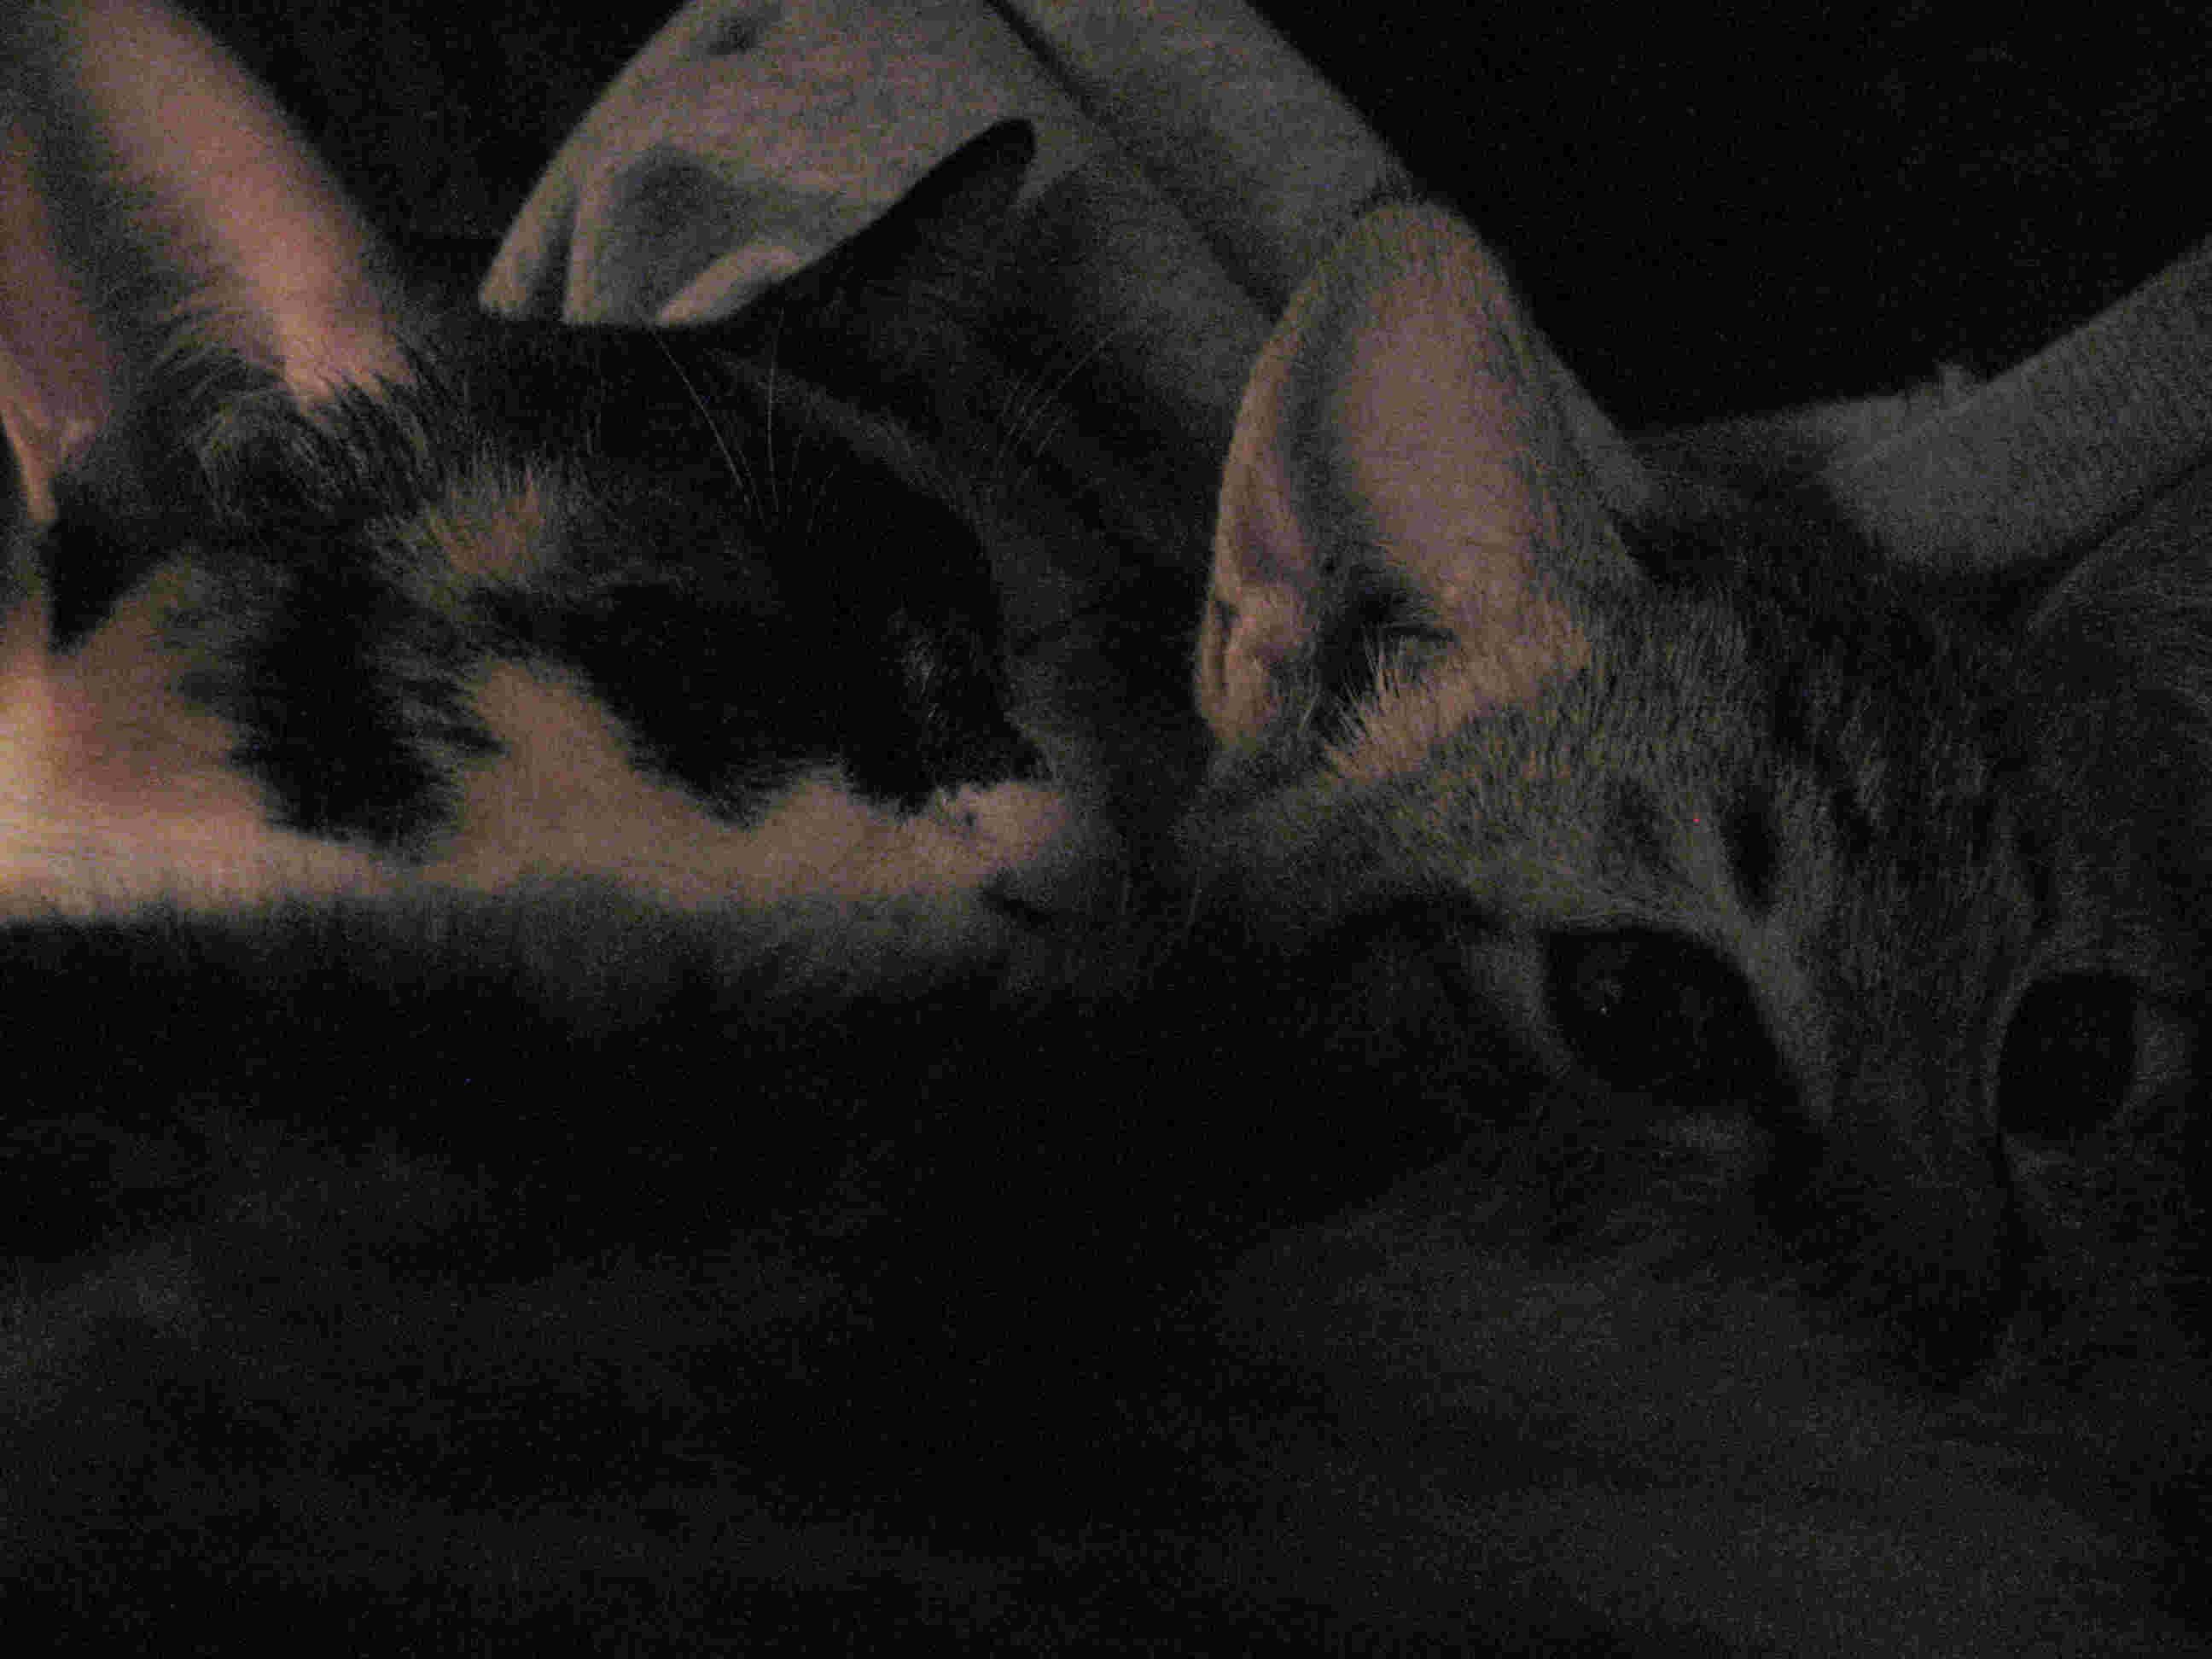 大猫与小猫的睡眠